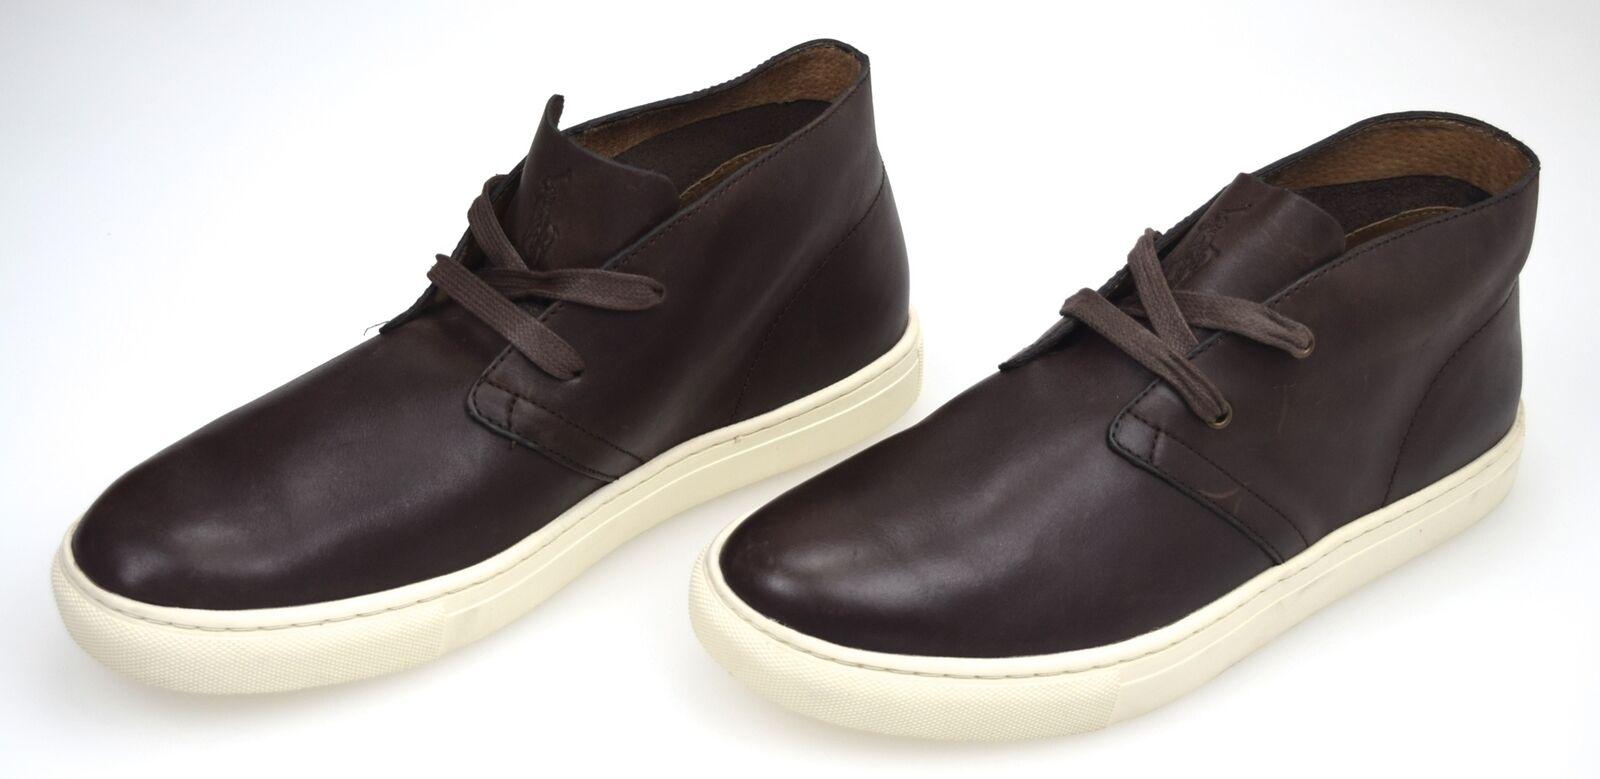 POLO RALPH LAUREN Homme Turnchaussures Polonais chaussures Décontractées A85 Y0287 R0275 A2003 défaut